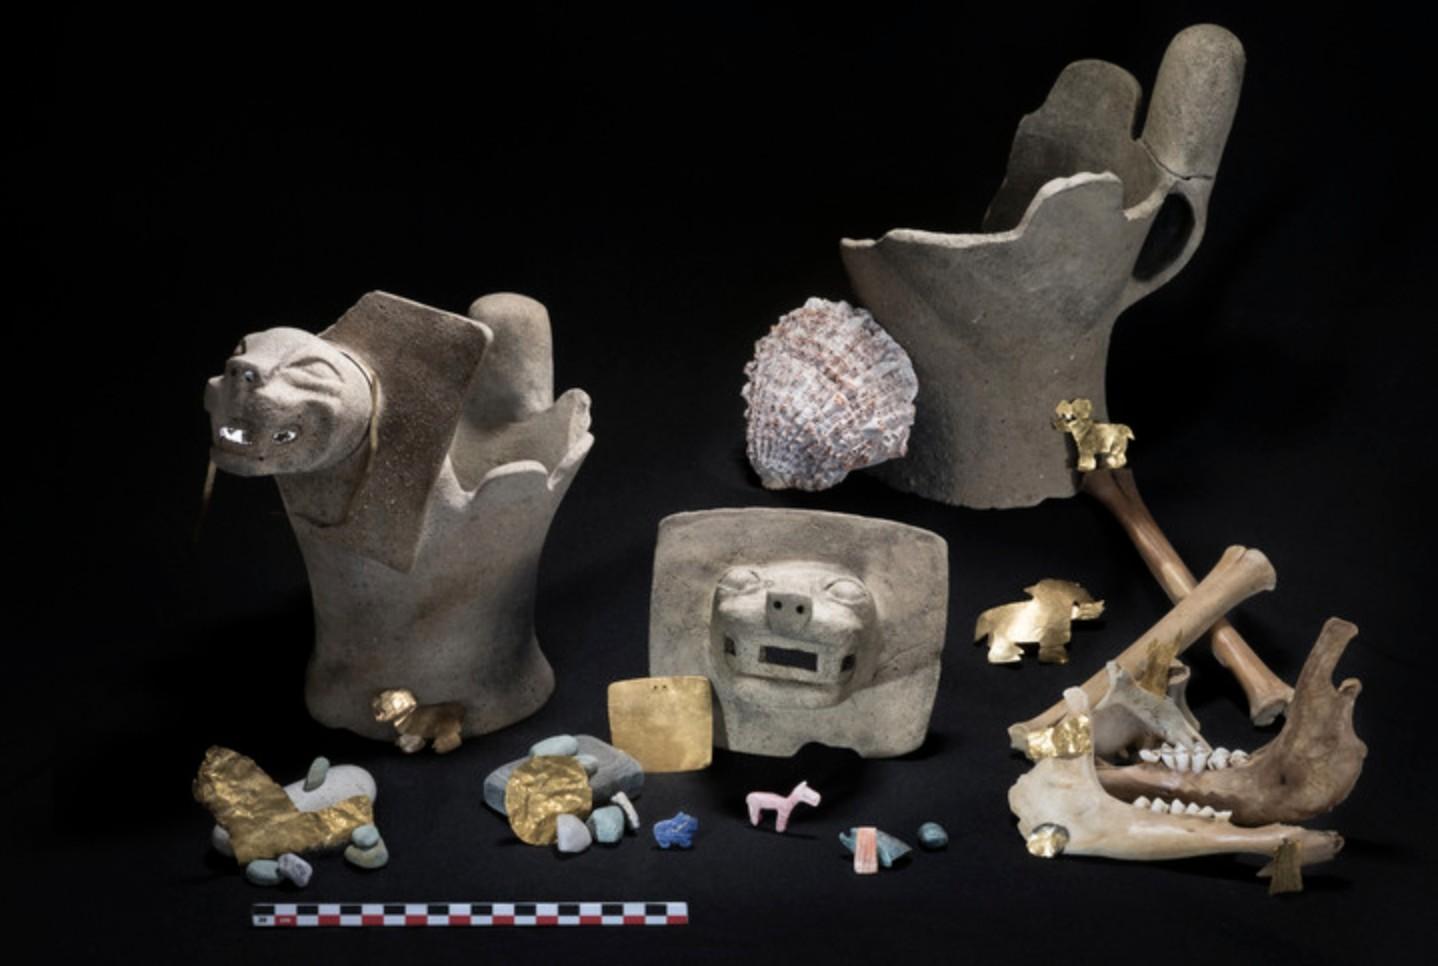 Alguns dos artefatos que foram encontrados no rio Titicaca, na Bolívia (Foto: Teddy Seguin)